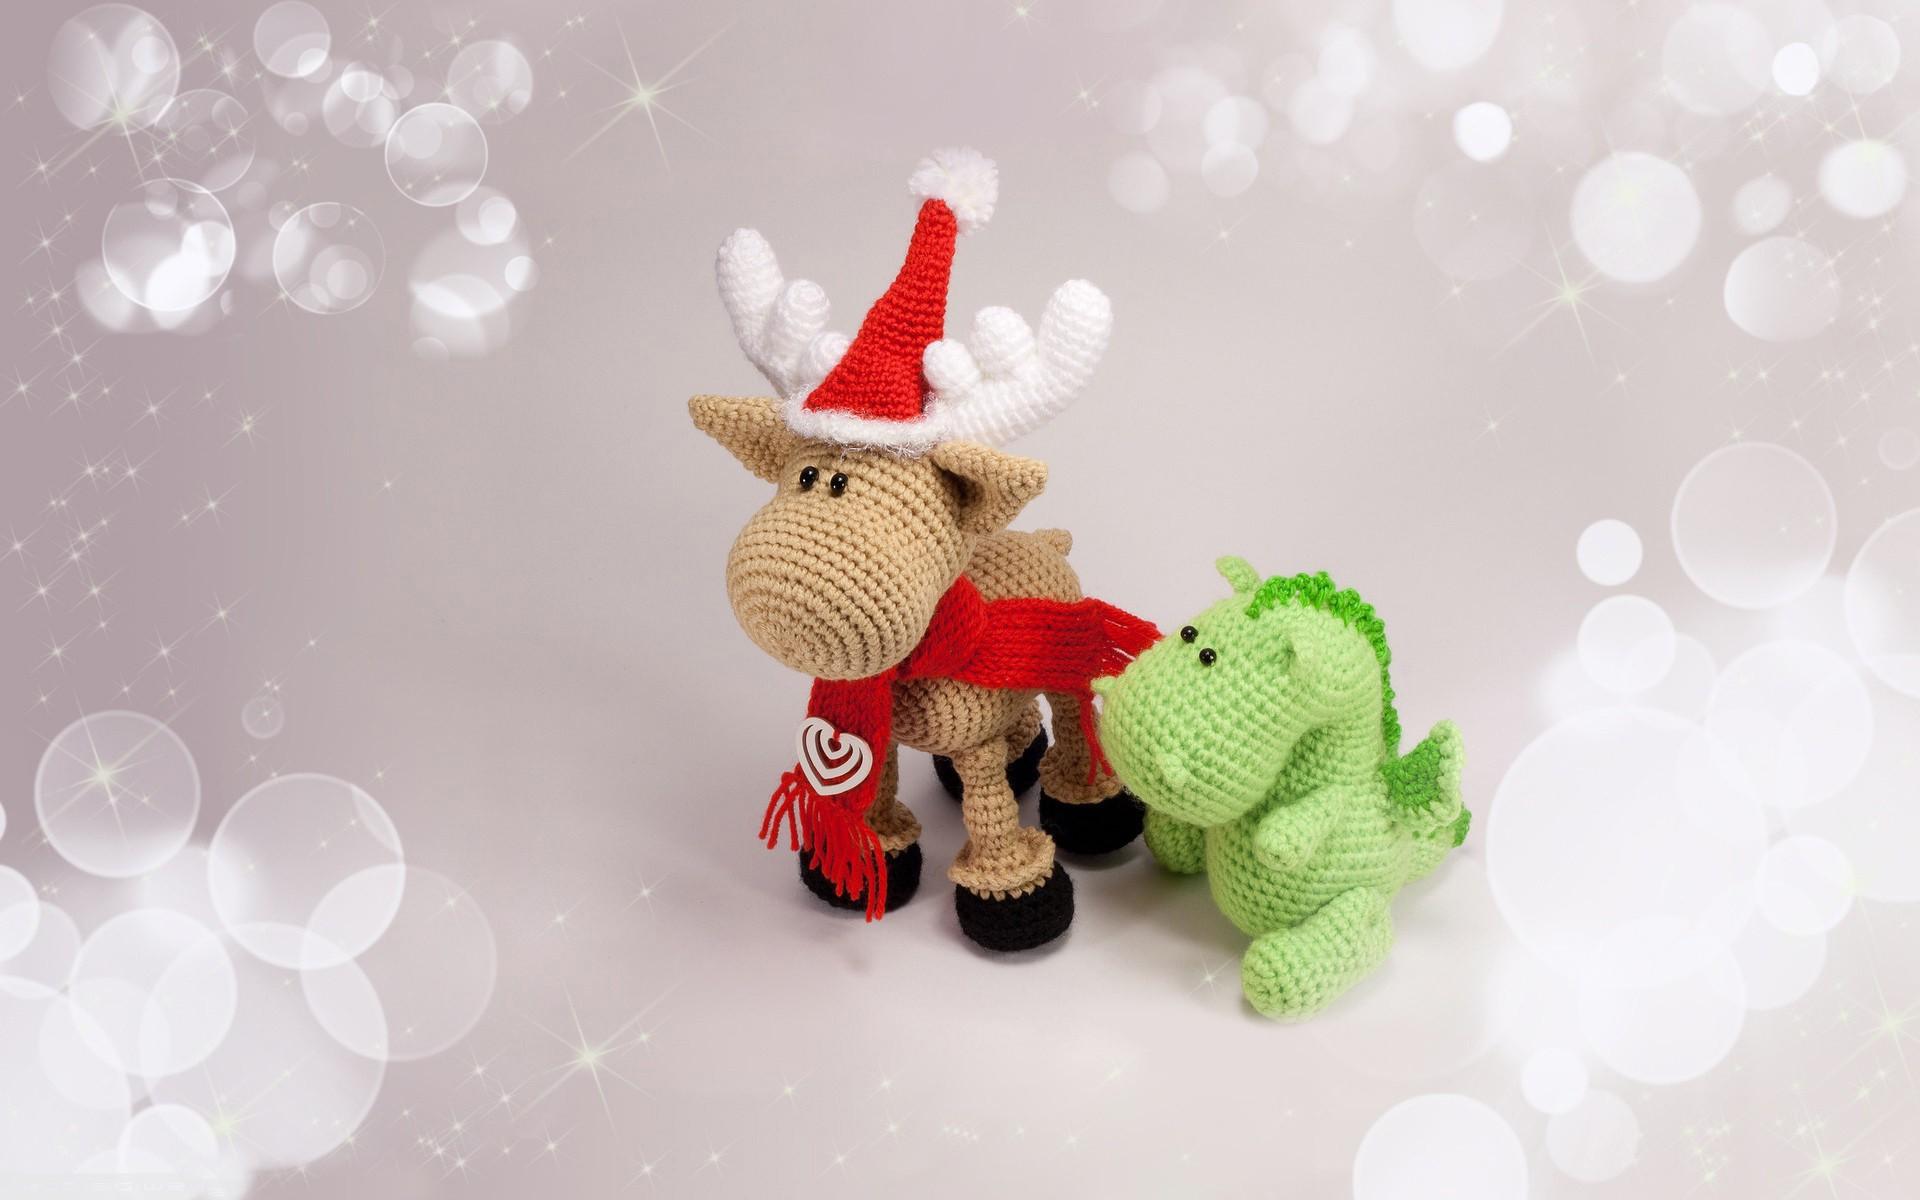 Bellos adornos tejidos para navidad - 1920x1200